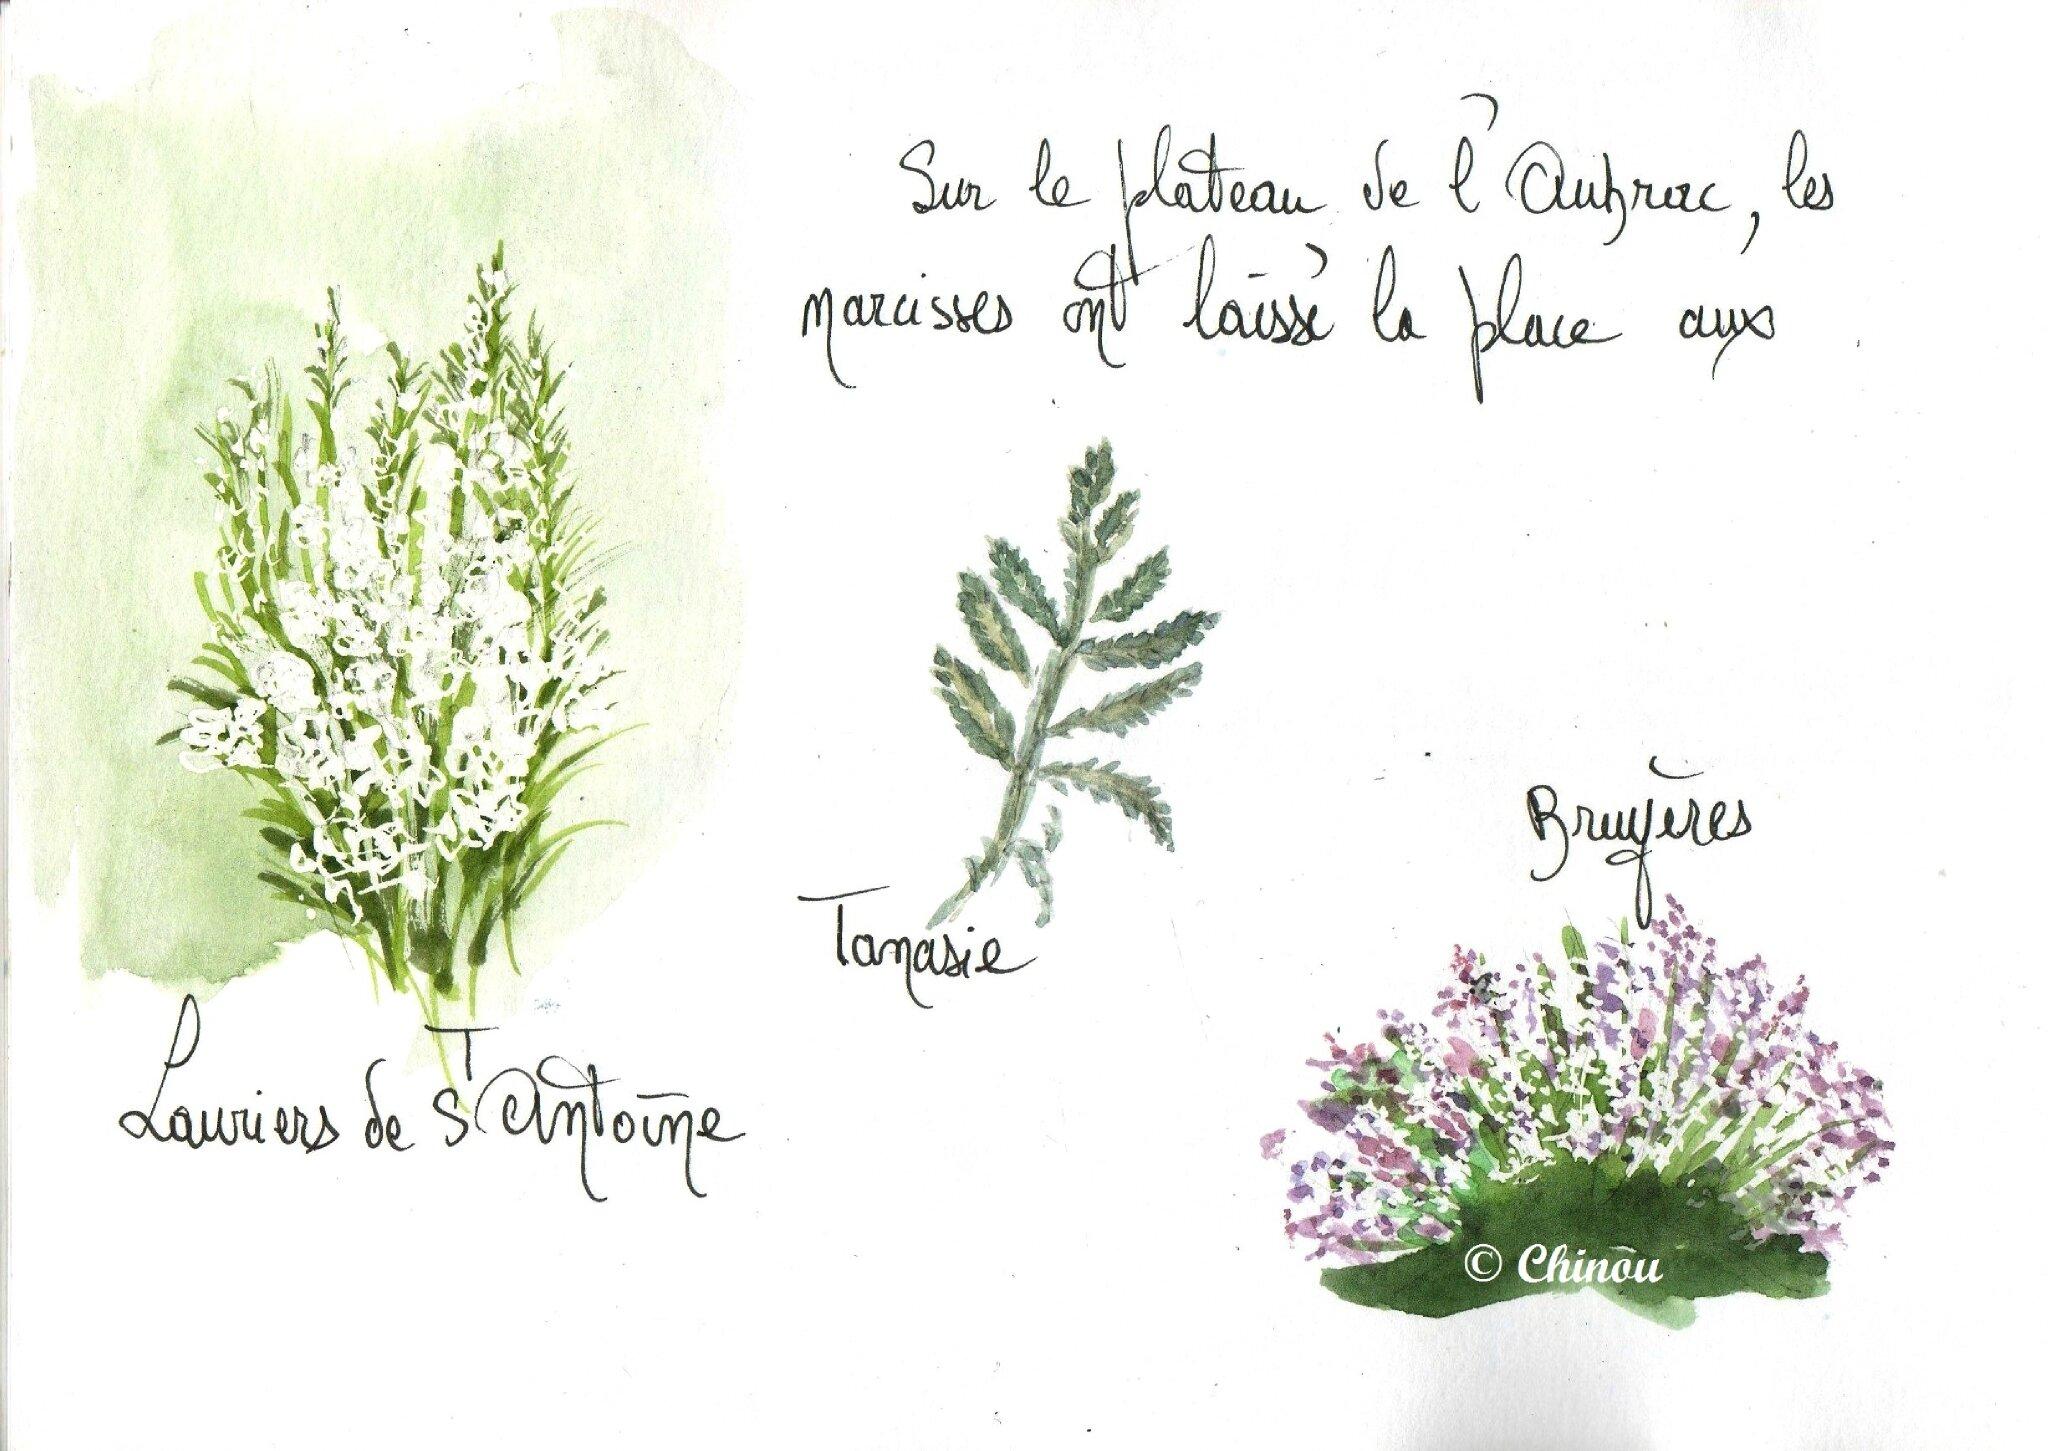 Flore de l'aubrac